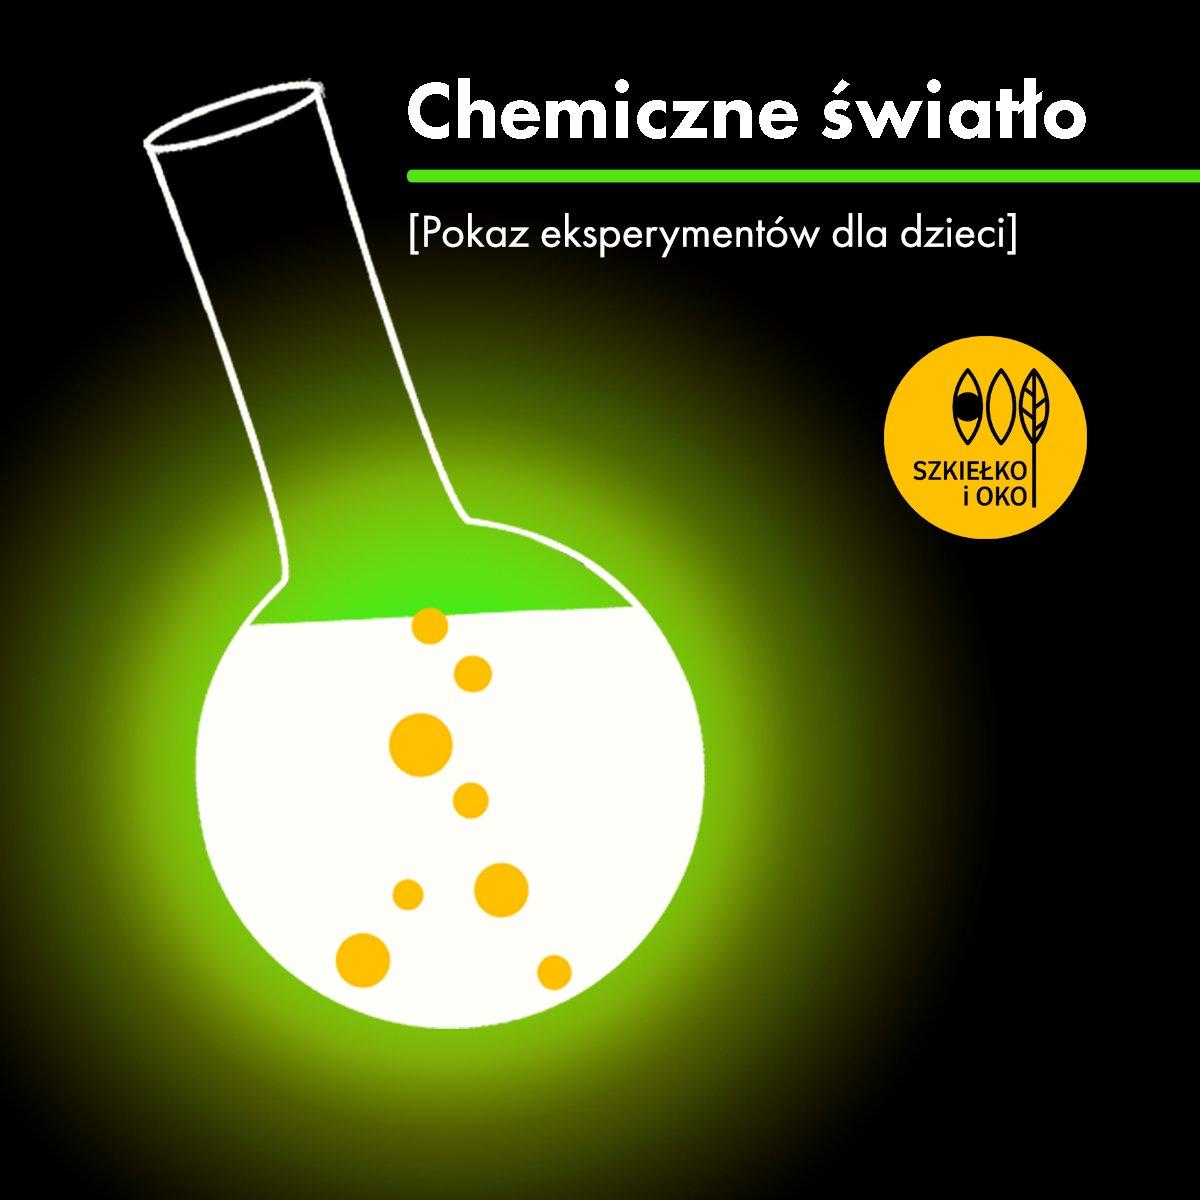 Chemiczne światło. Warsztaty przyrodnicze ze Szkiełkiem i Okiem